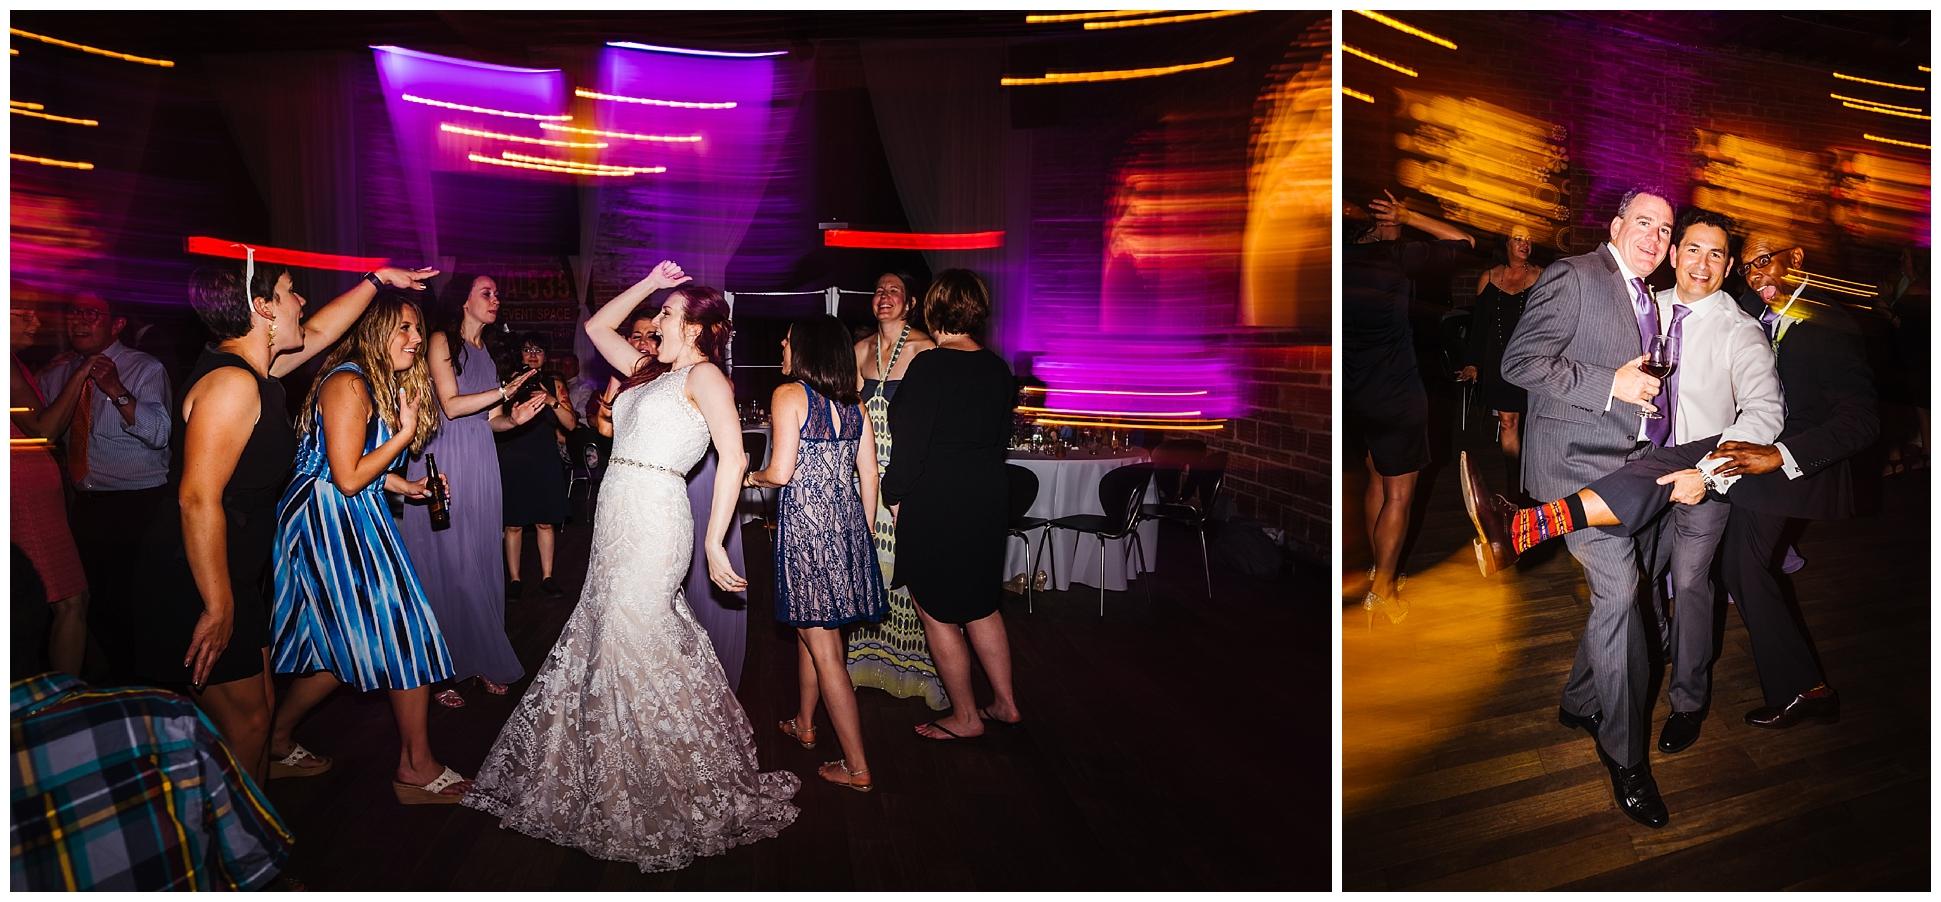 st-pete-wedding-photographer-nova-535-murals-downtown-lavendar_0042.jpg